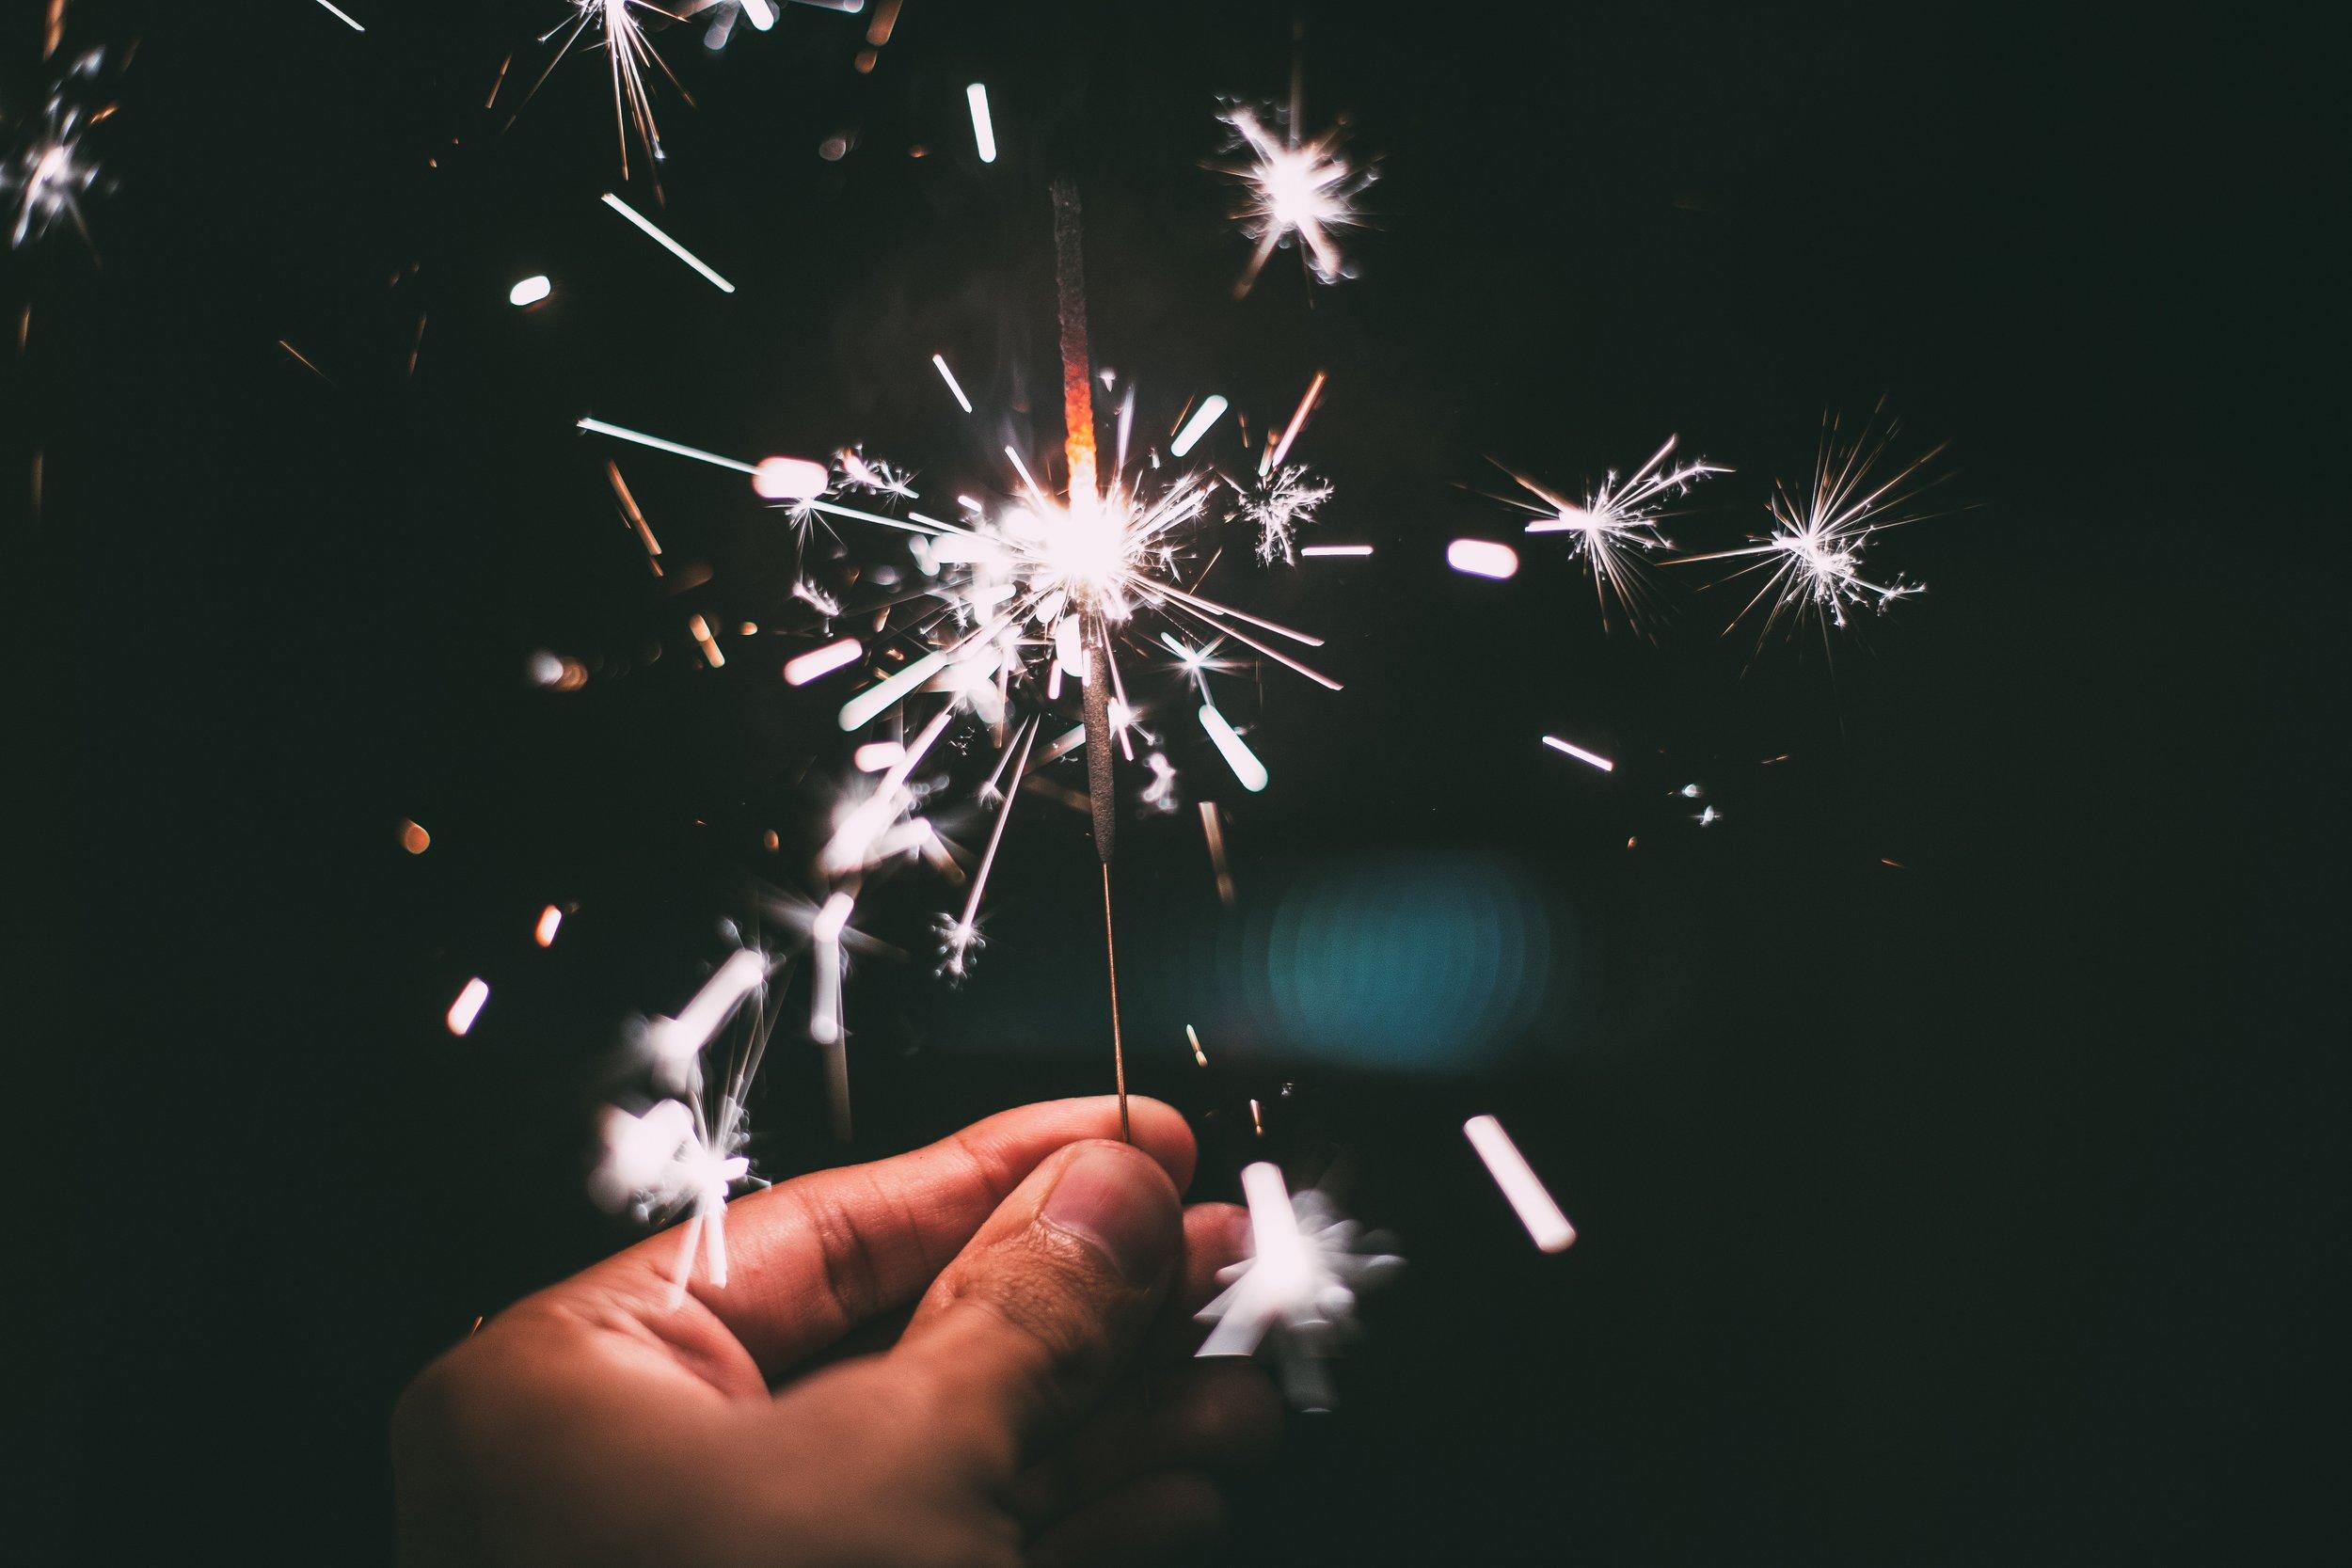 Image Rebranding New Year